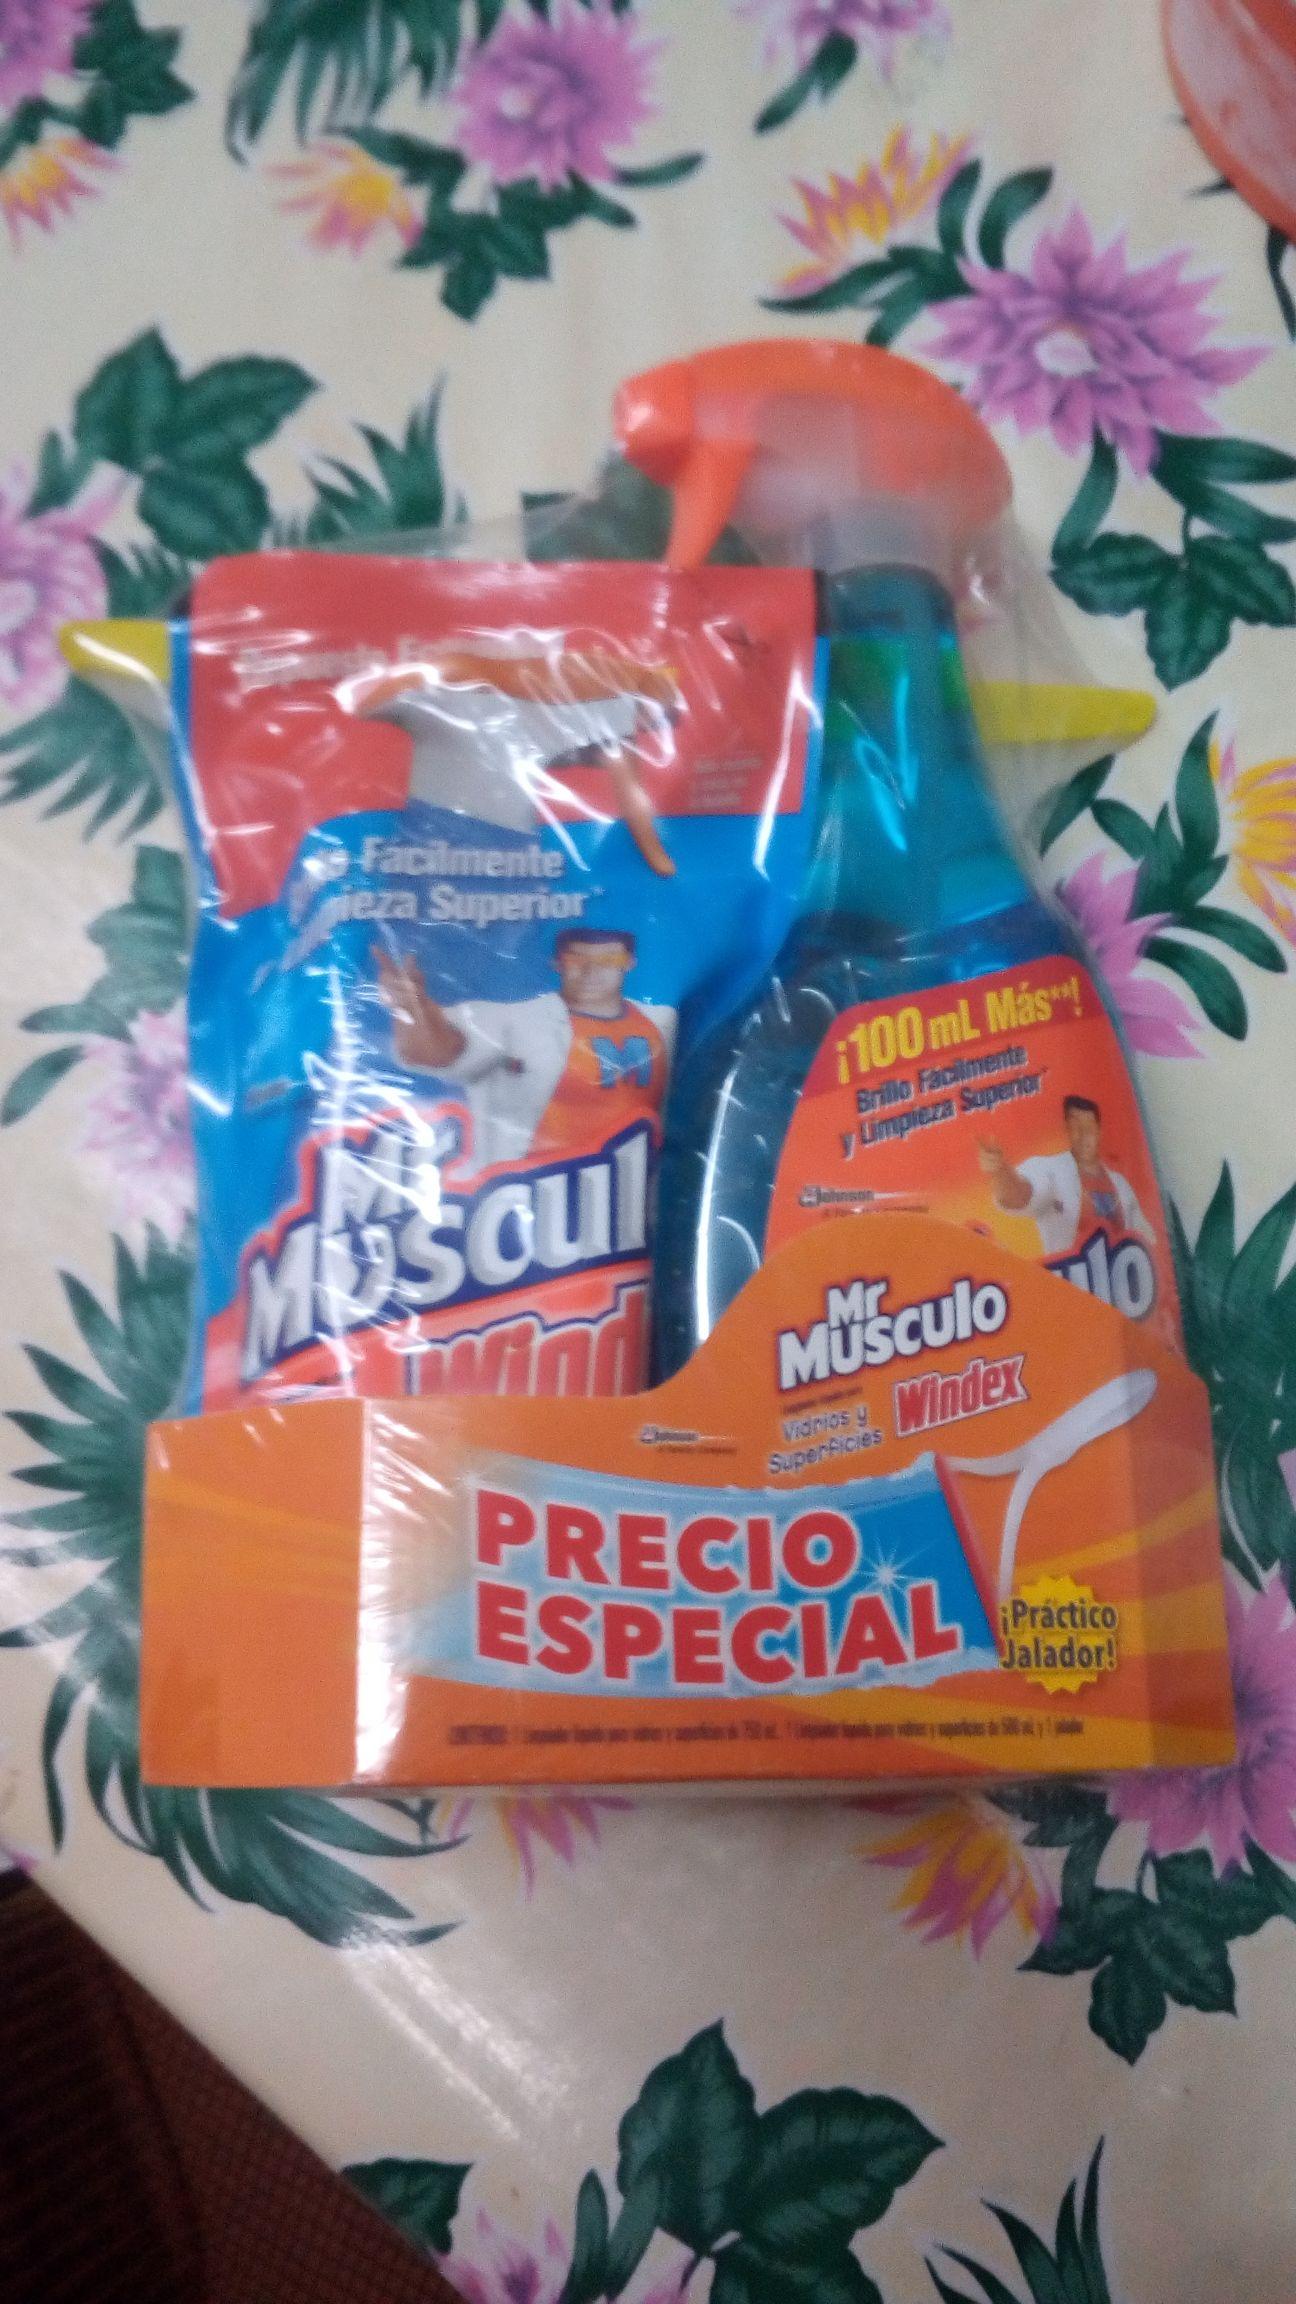 Walmart Pensiones: Mr.Musculo Vidrios Pack y Pack Toallas Always